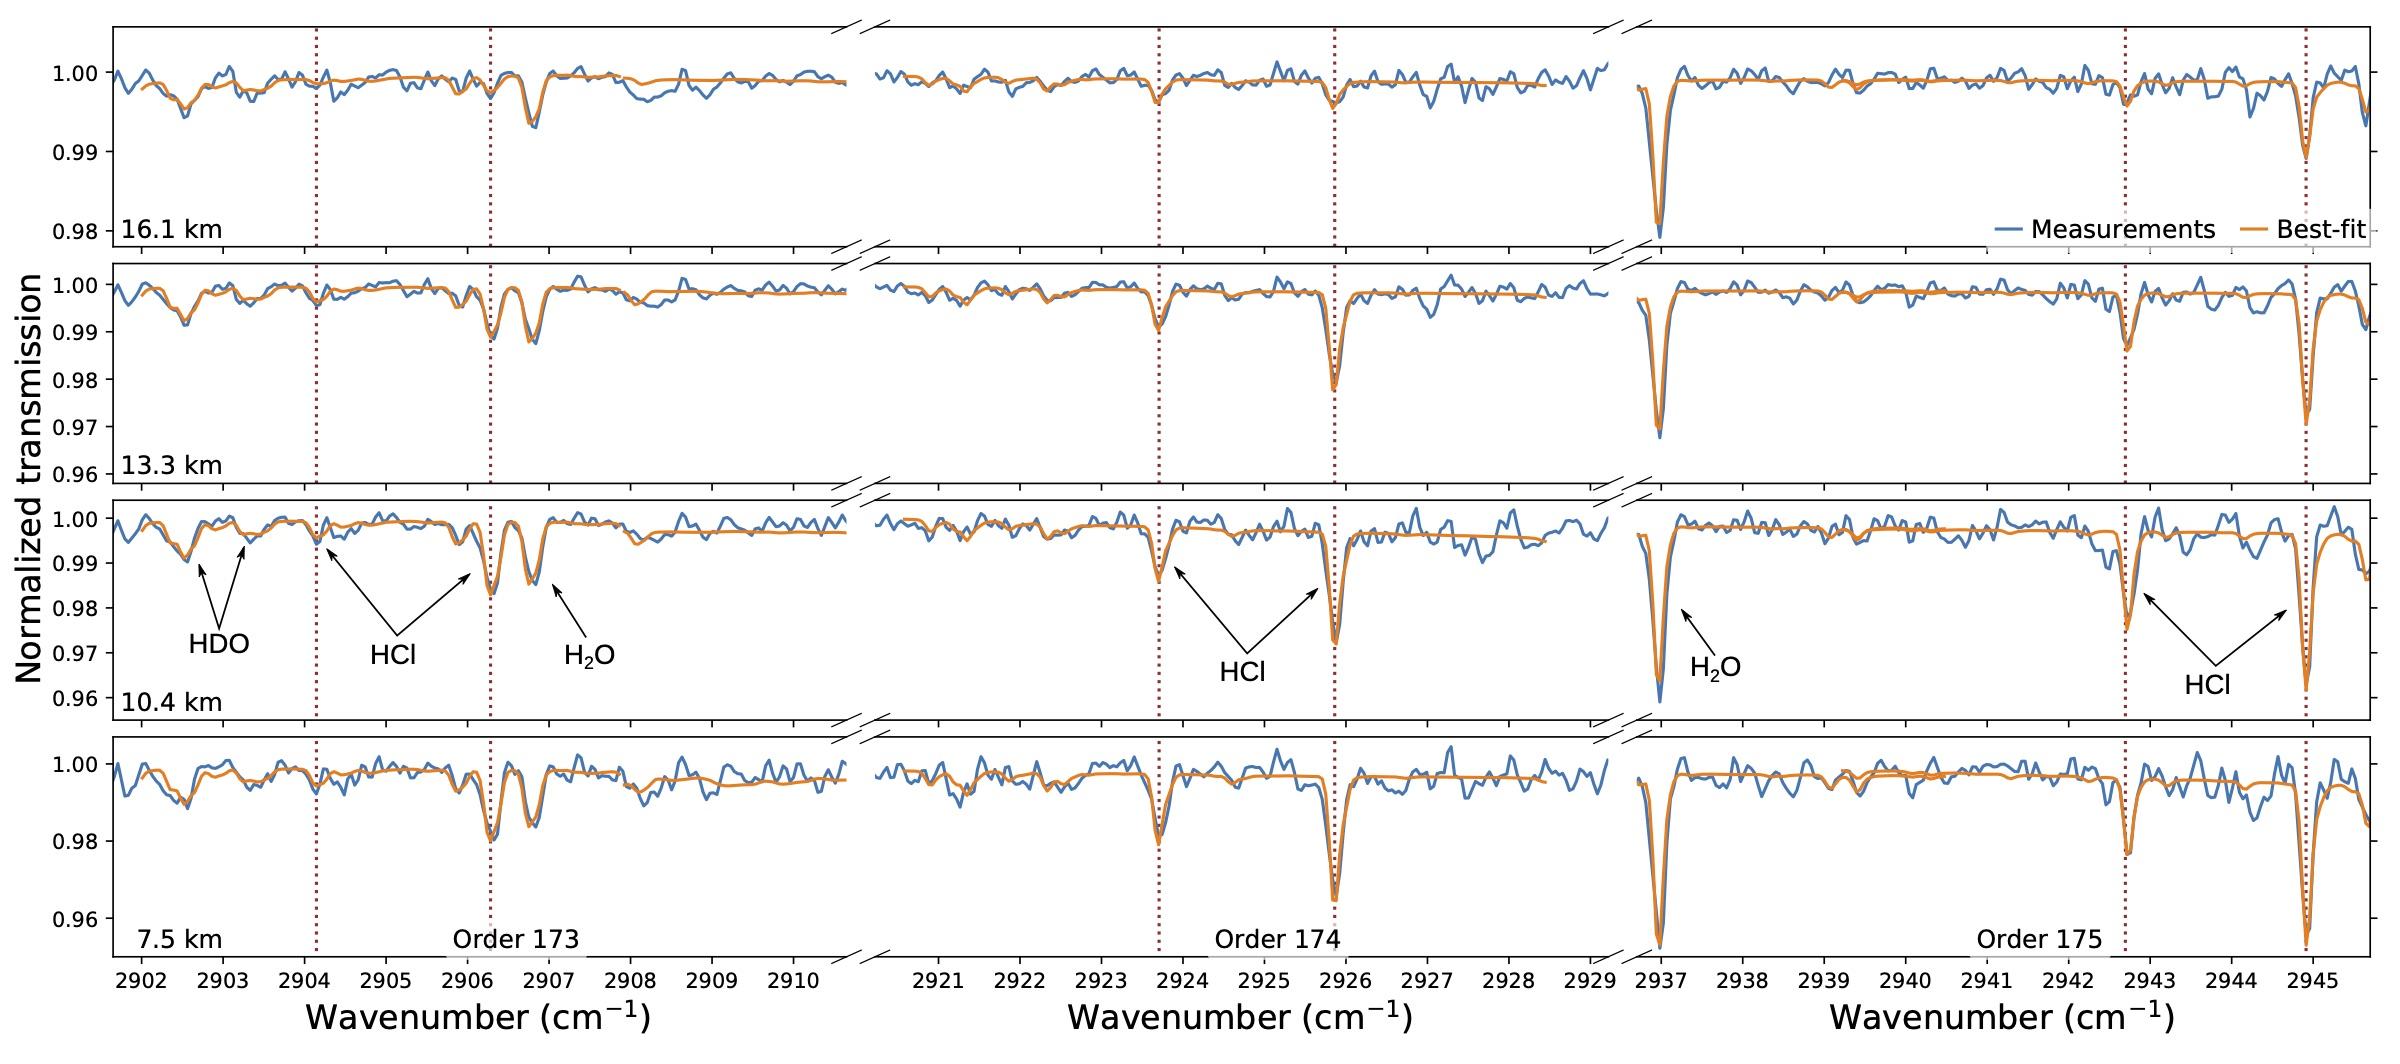 ESA_ExoMars_TGO_HCl_detection_in_atmosphere.jpg